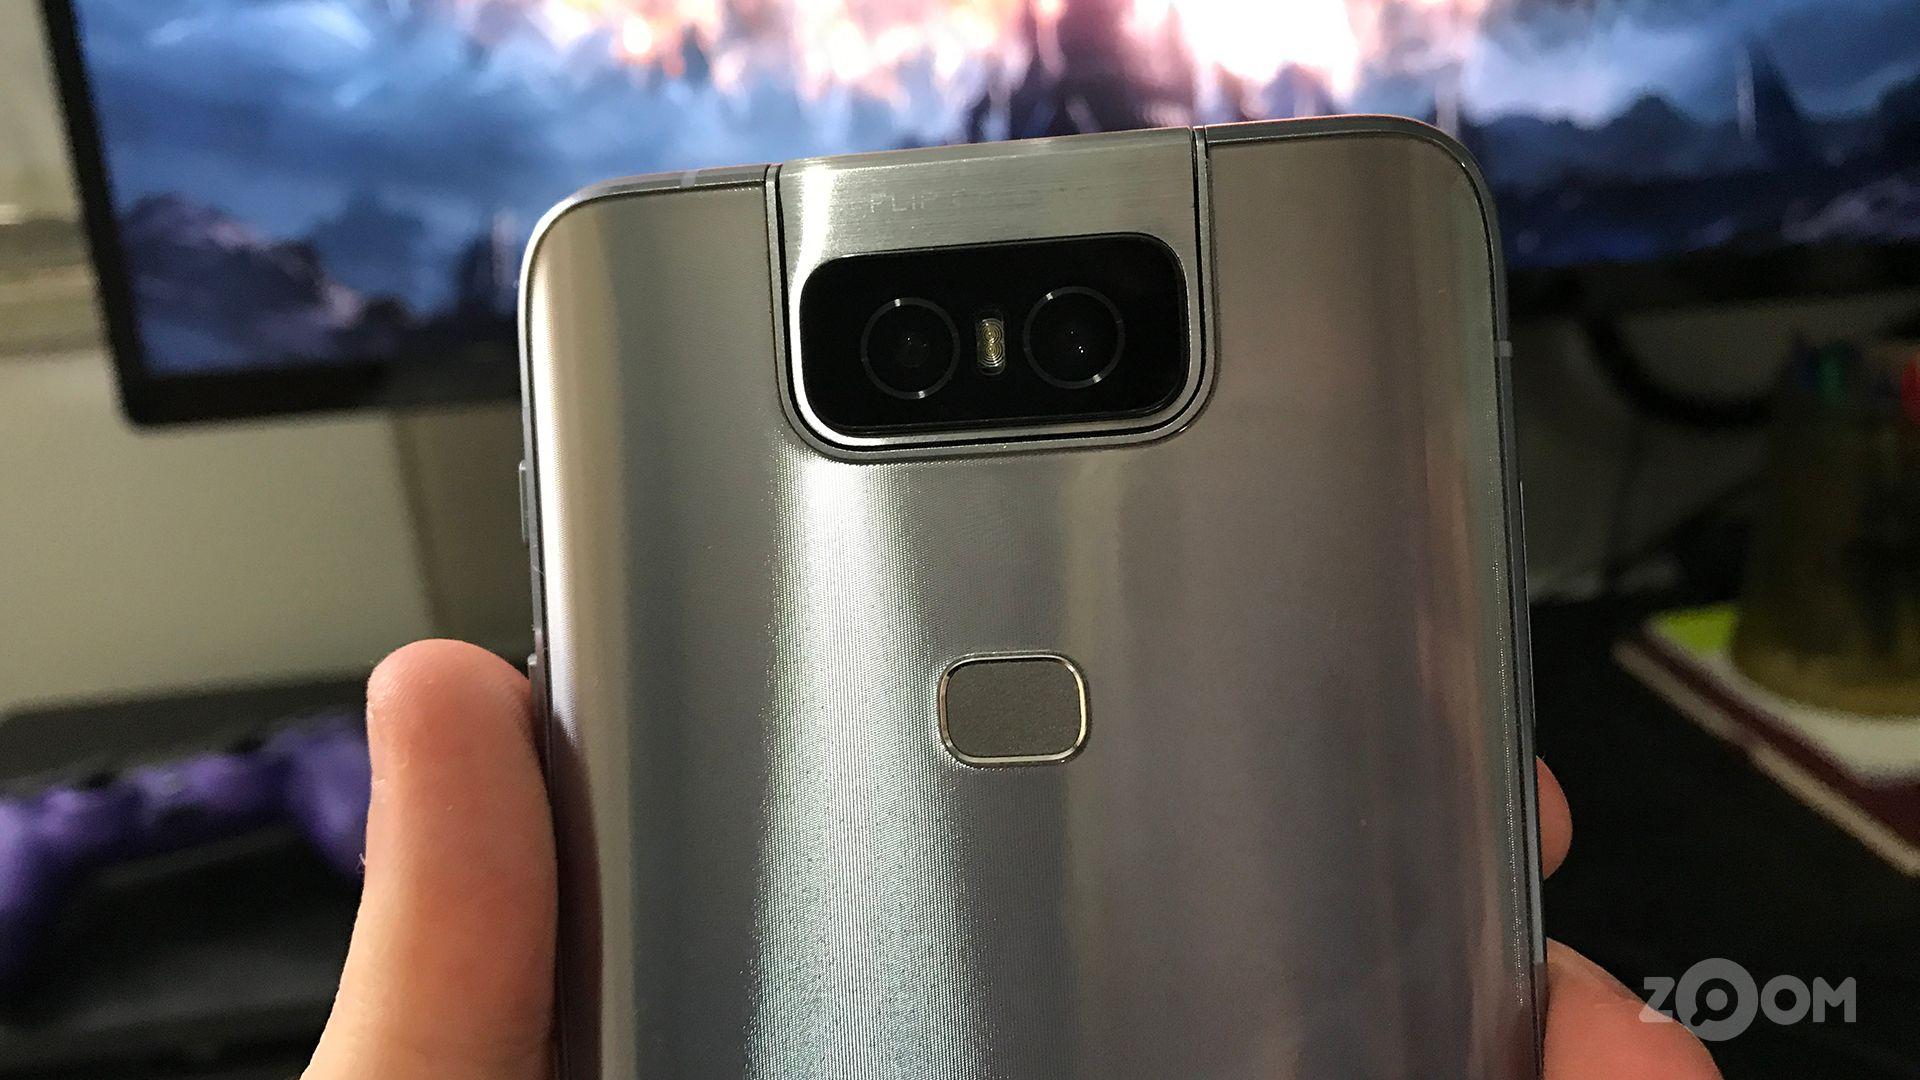 O Zenfone 6 tem duas câmeras, uma angular e outra ultra-grande angular. (Foto: Murilo Tunholi/Zoom)